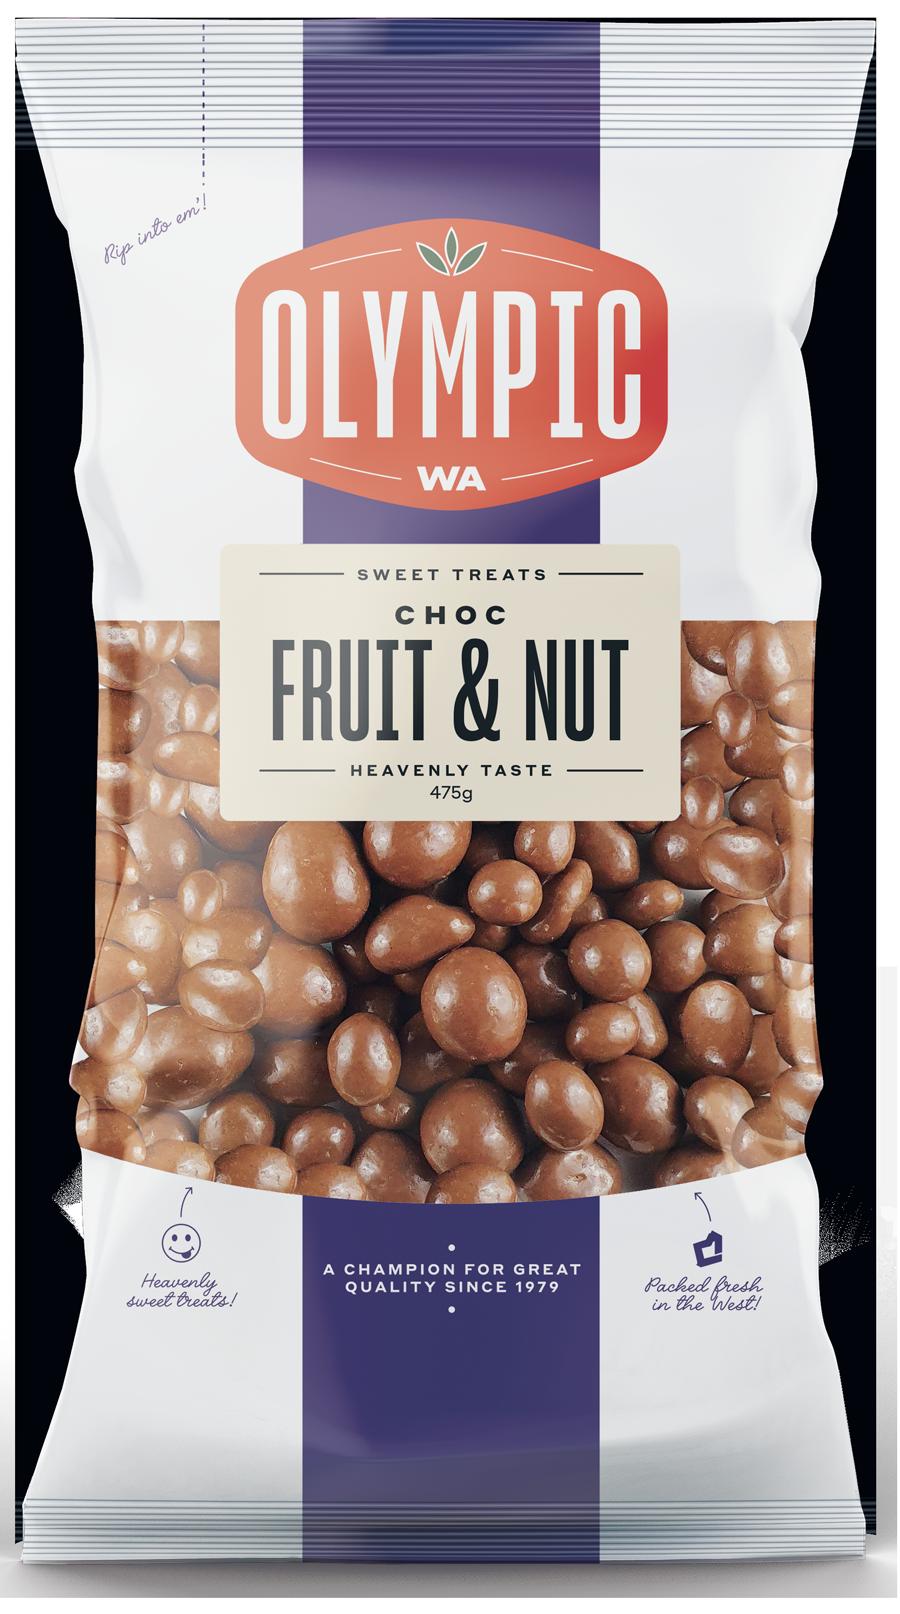 Choc Fruit & Nut